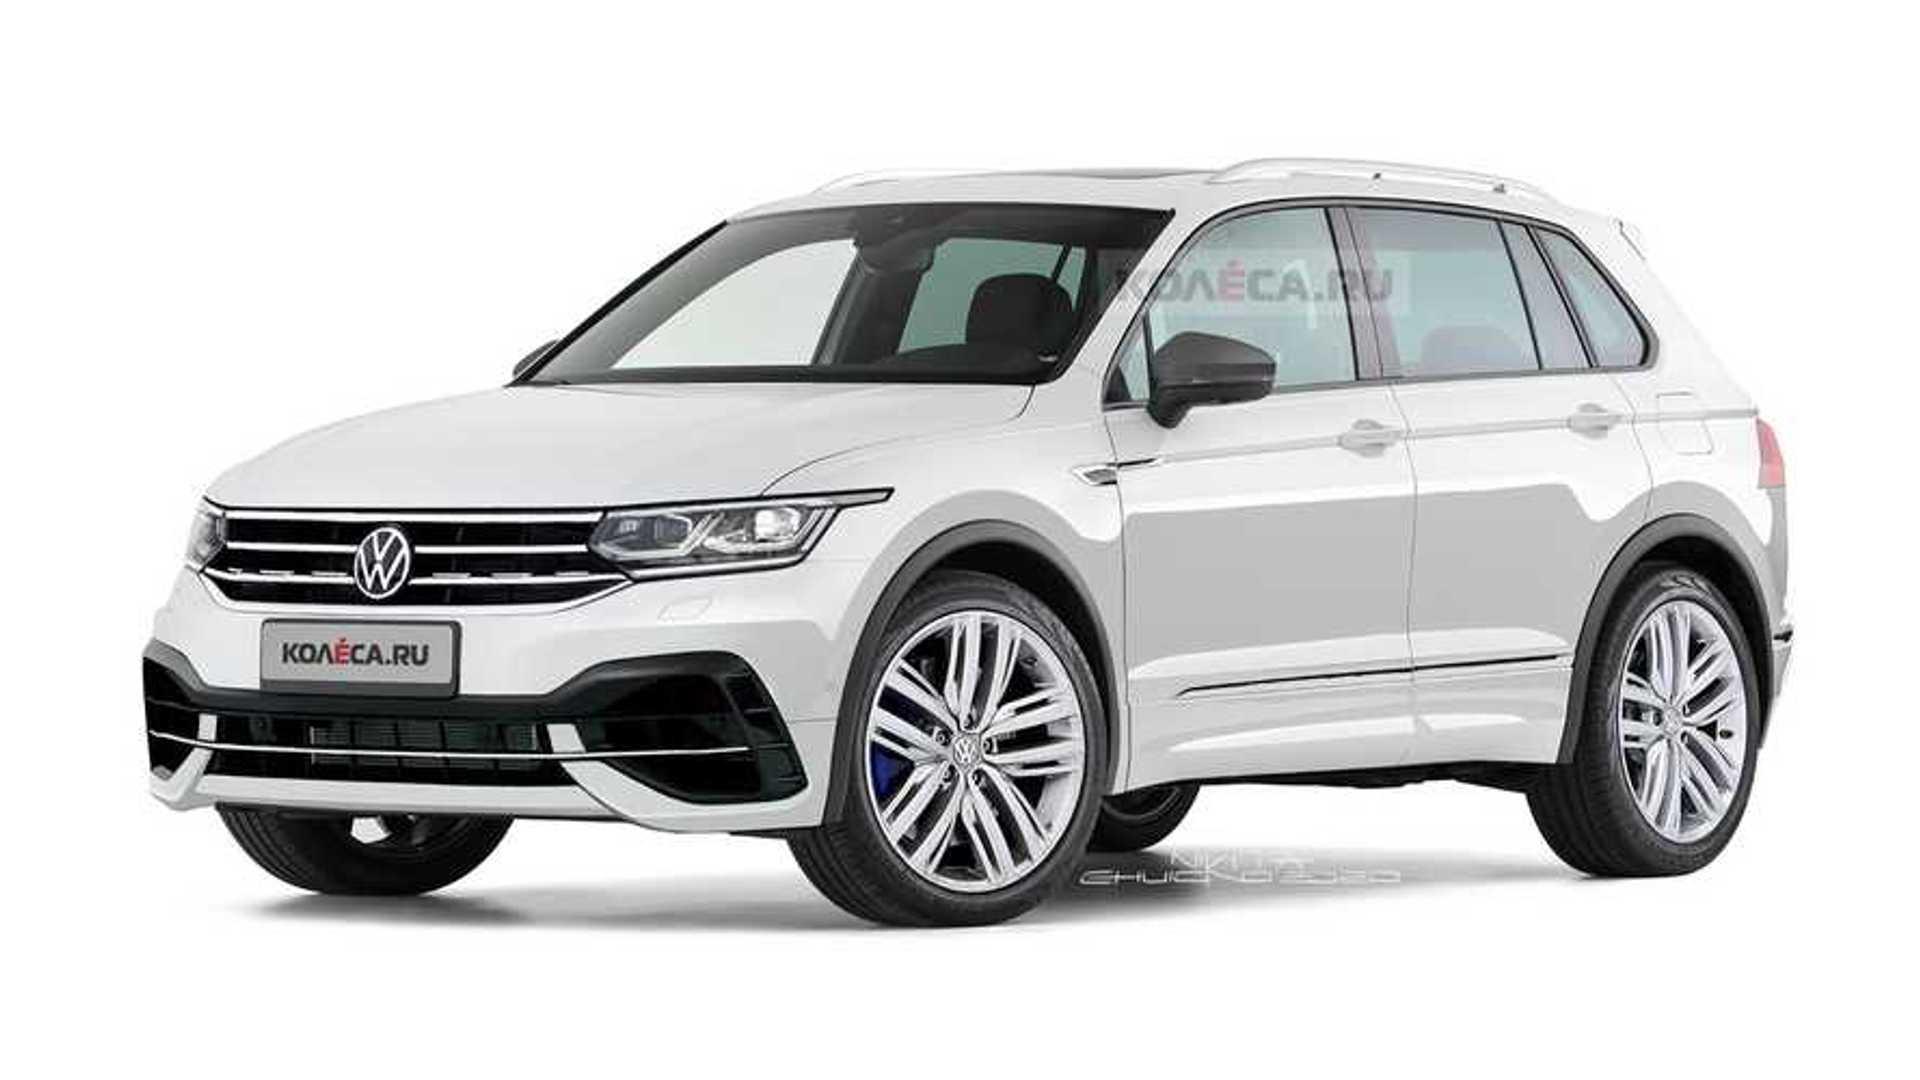 2020 - [Volkswagen] Tiguan II restylé  - Page 2 Volkswagen-tiguan-r-renderings